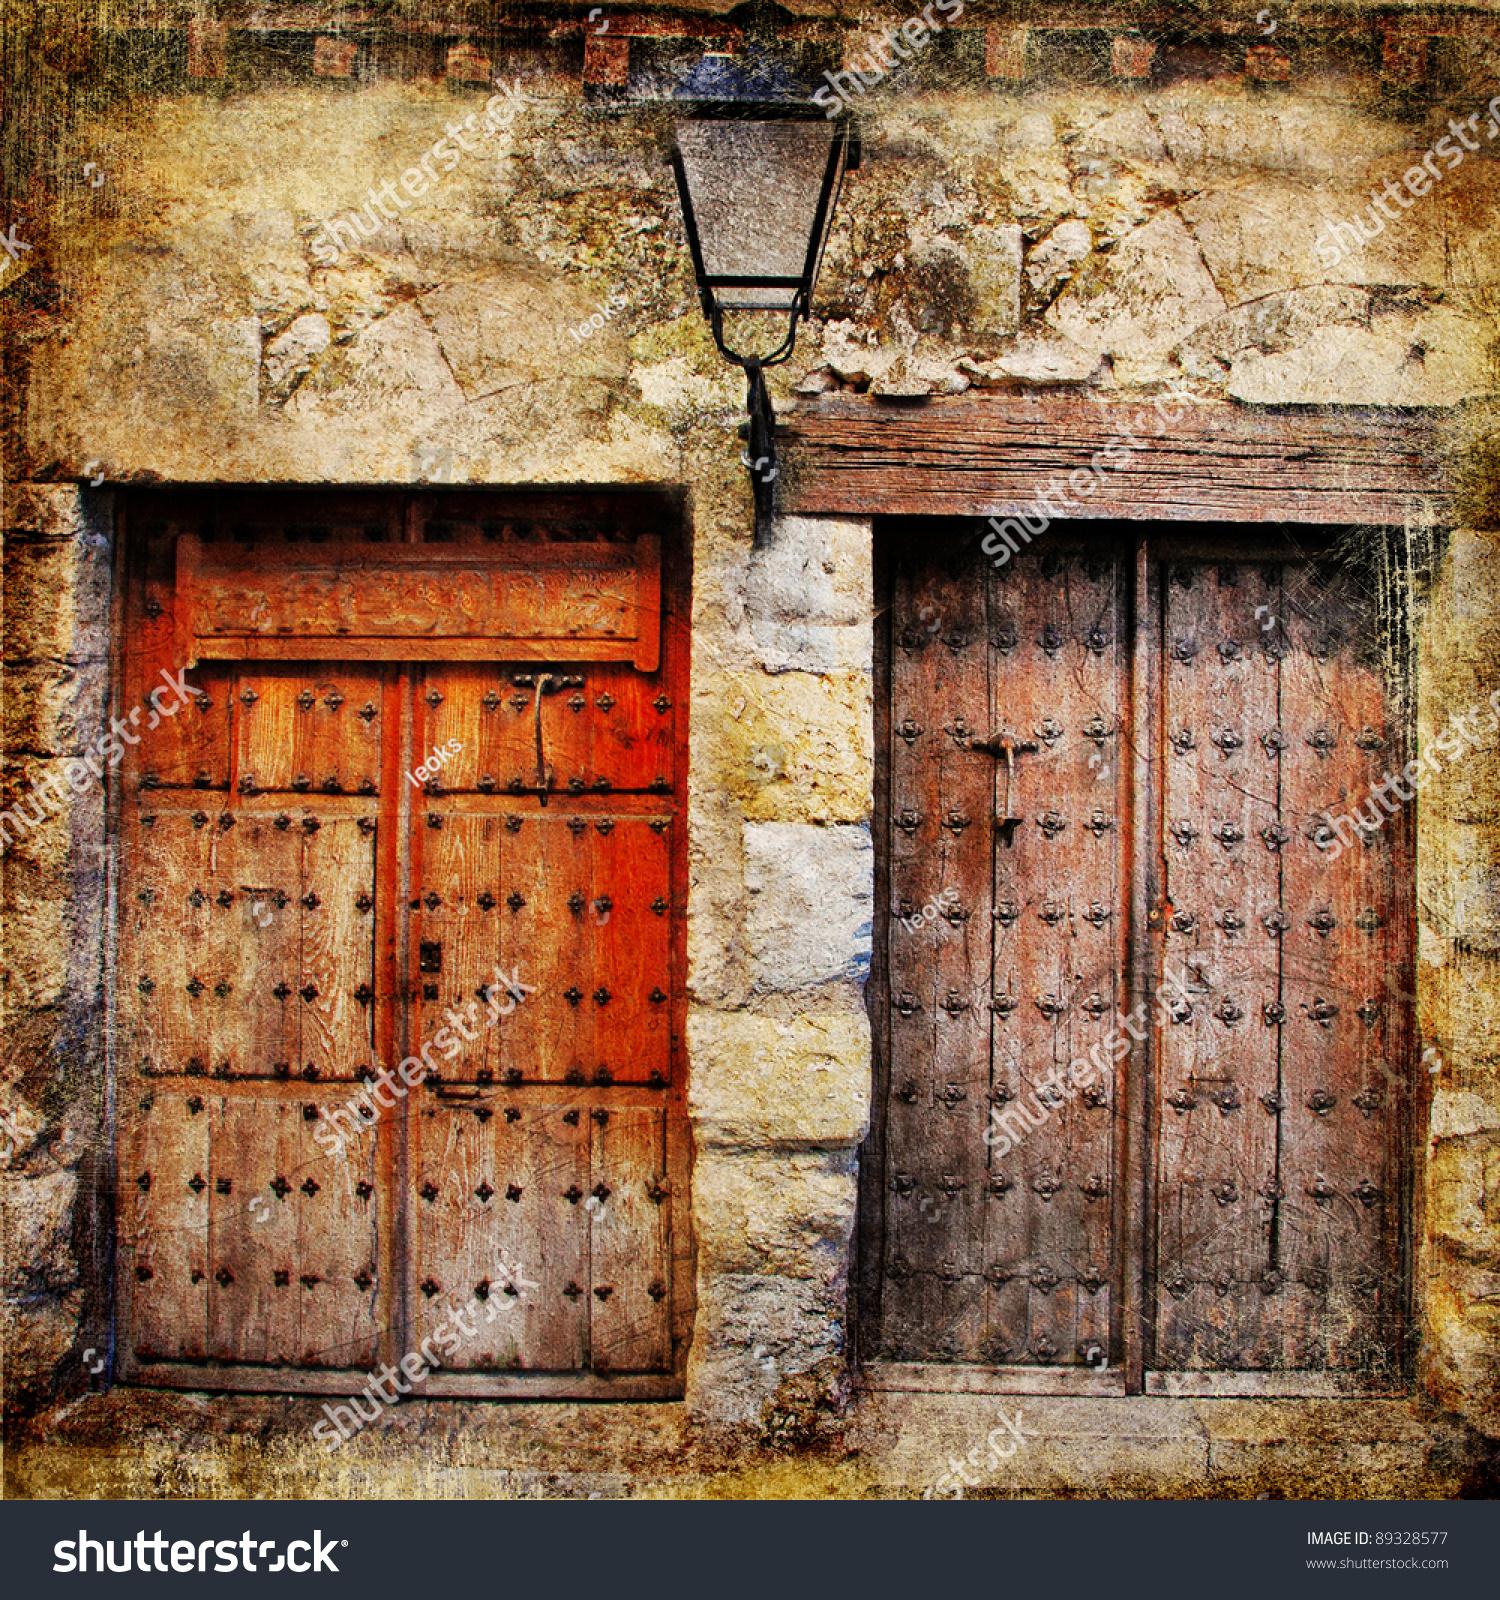 中世纪西班牙的旧门-复古画-复古风格,建筑物/地标-()图片